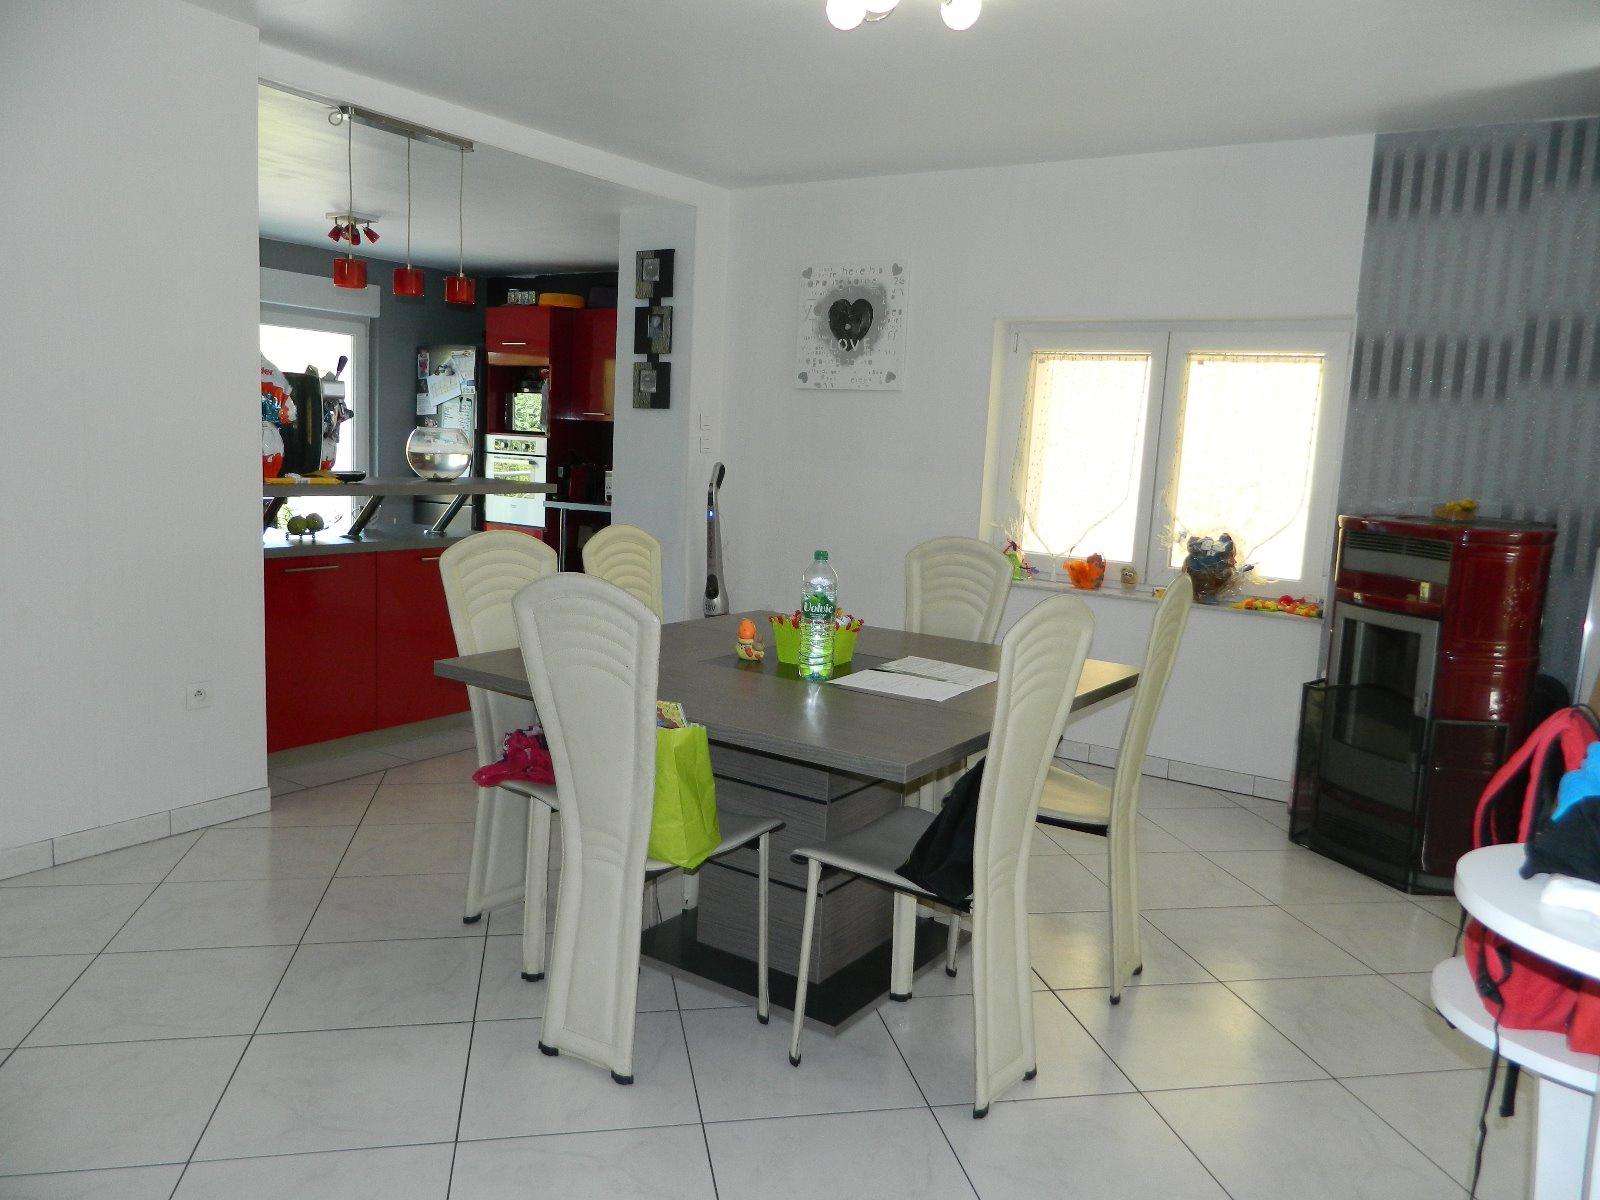 Vente jolie maison individuelle creutzwald for Garage a creutzwald